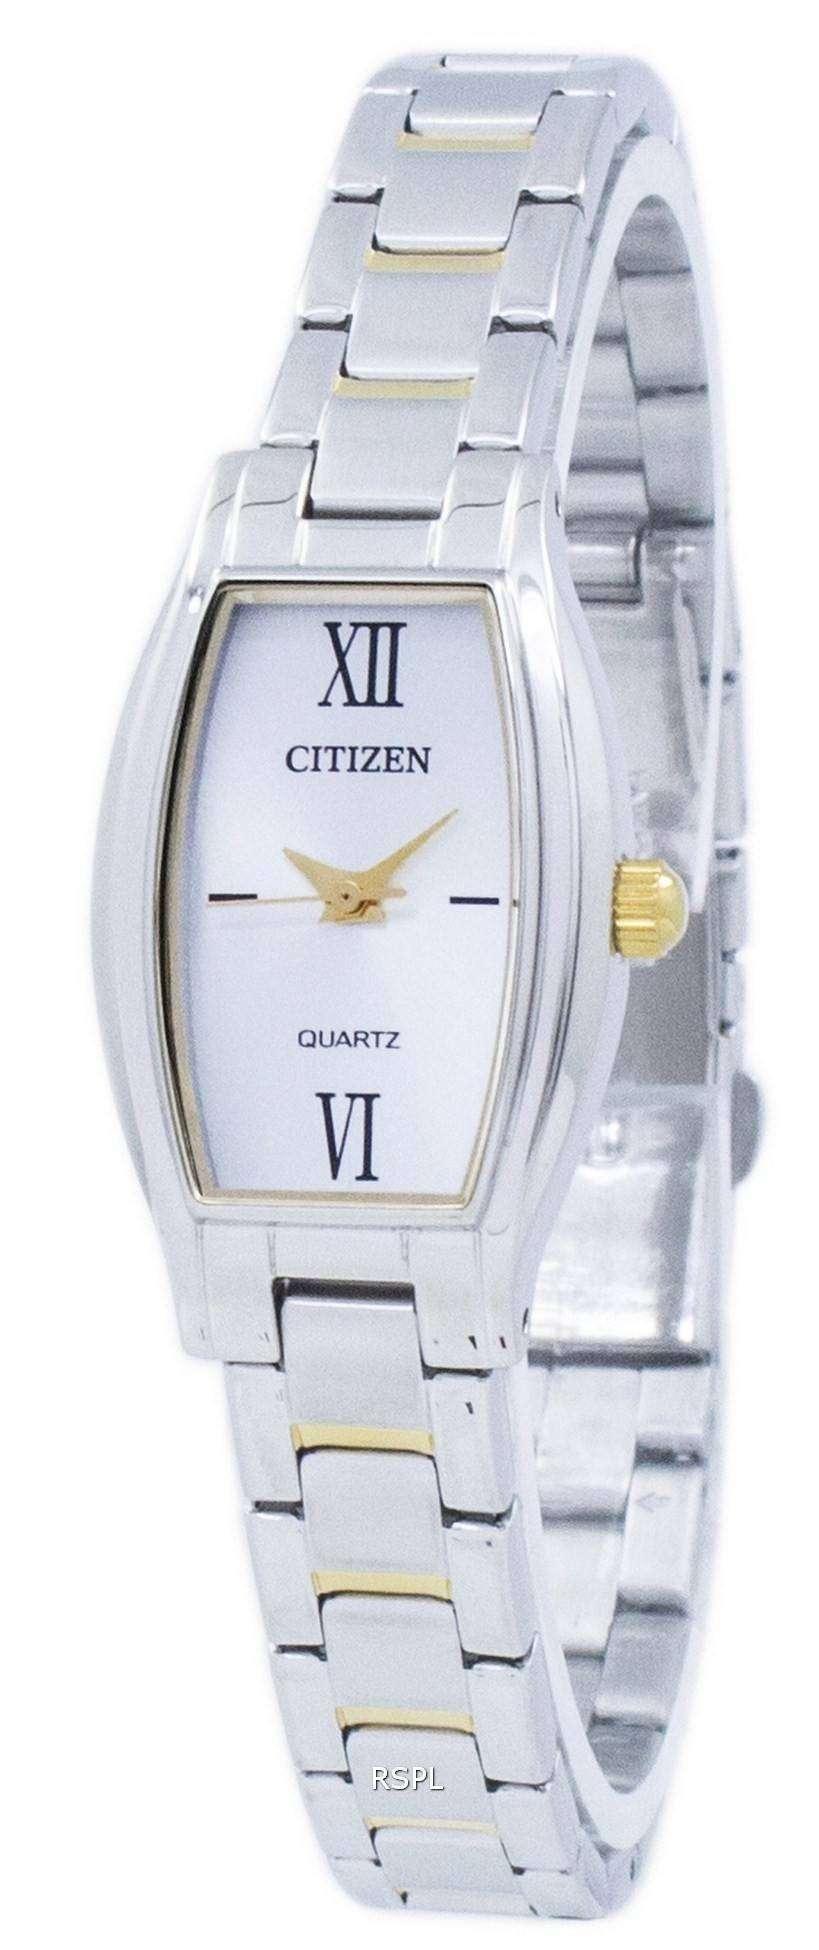 シチズンクォーツ アナログ EJ6114 57A レディース腕時計